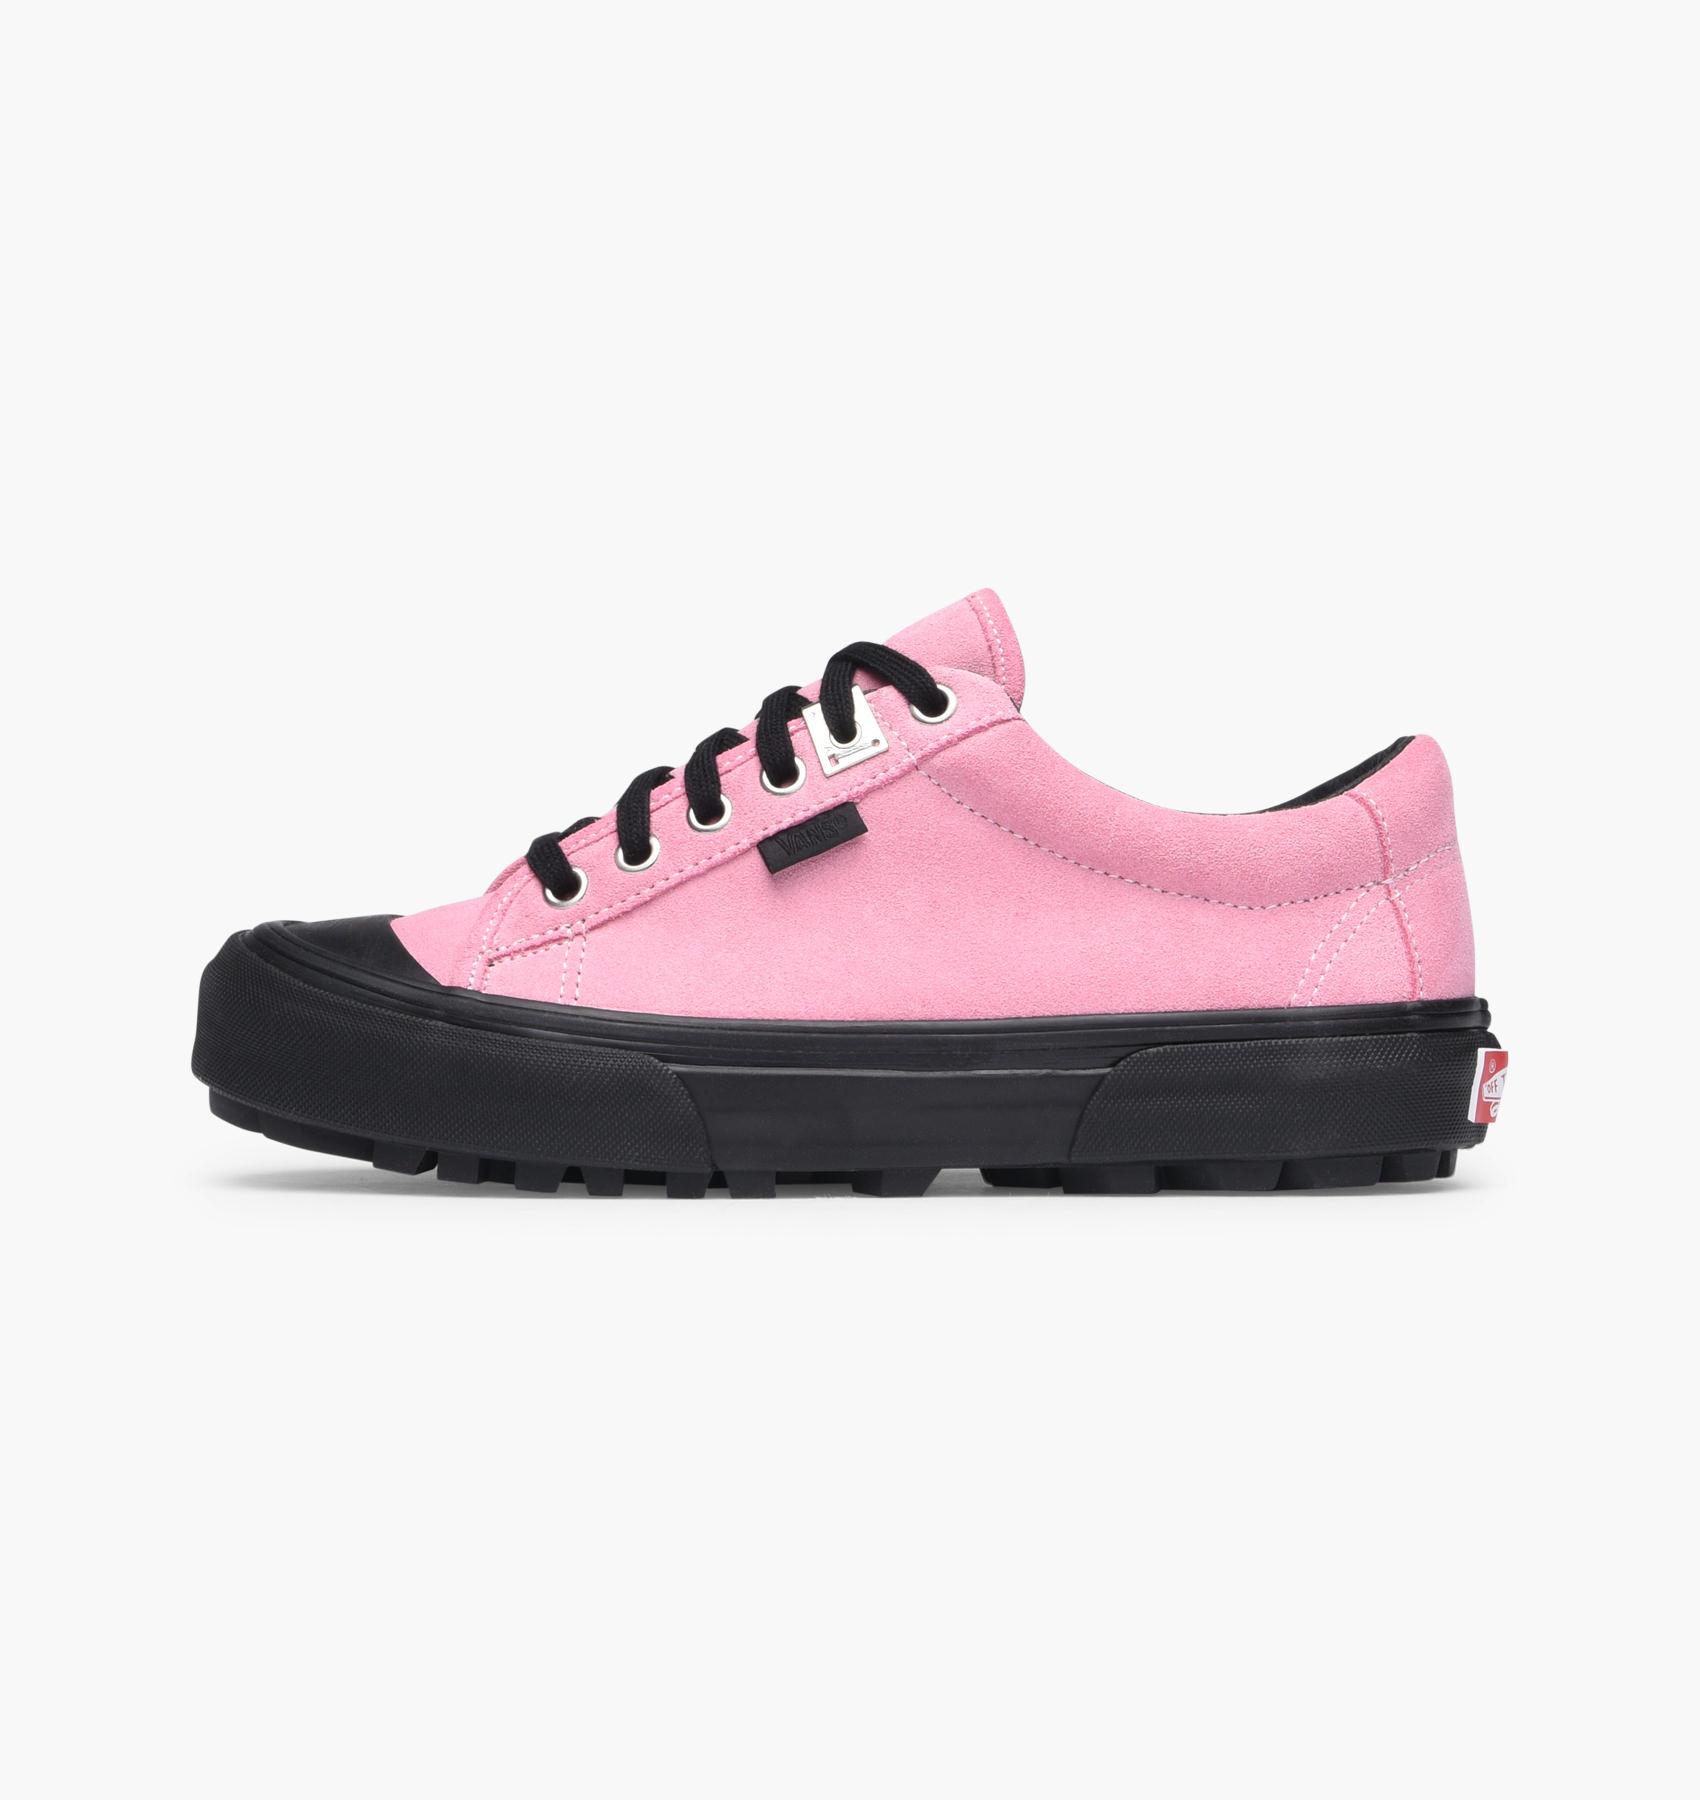 vans-vault-x-alyx-style-29-lx-va3dpap4a-alyx-sea-pink